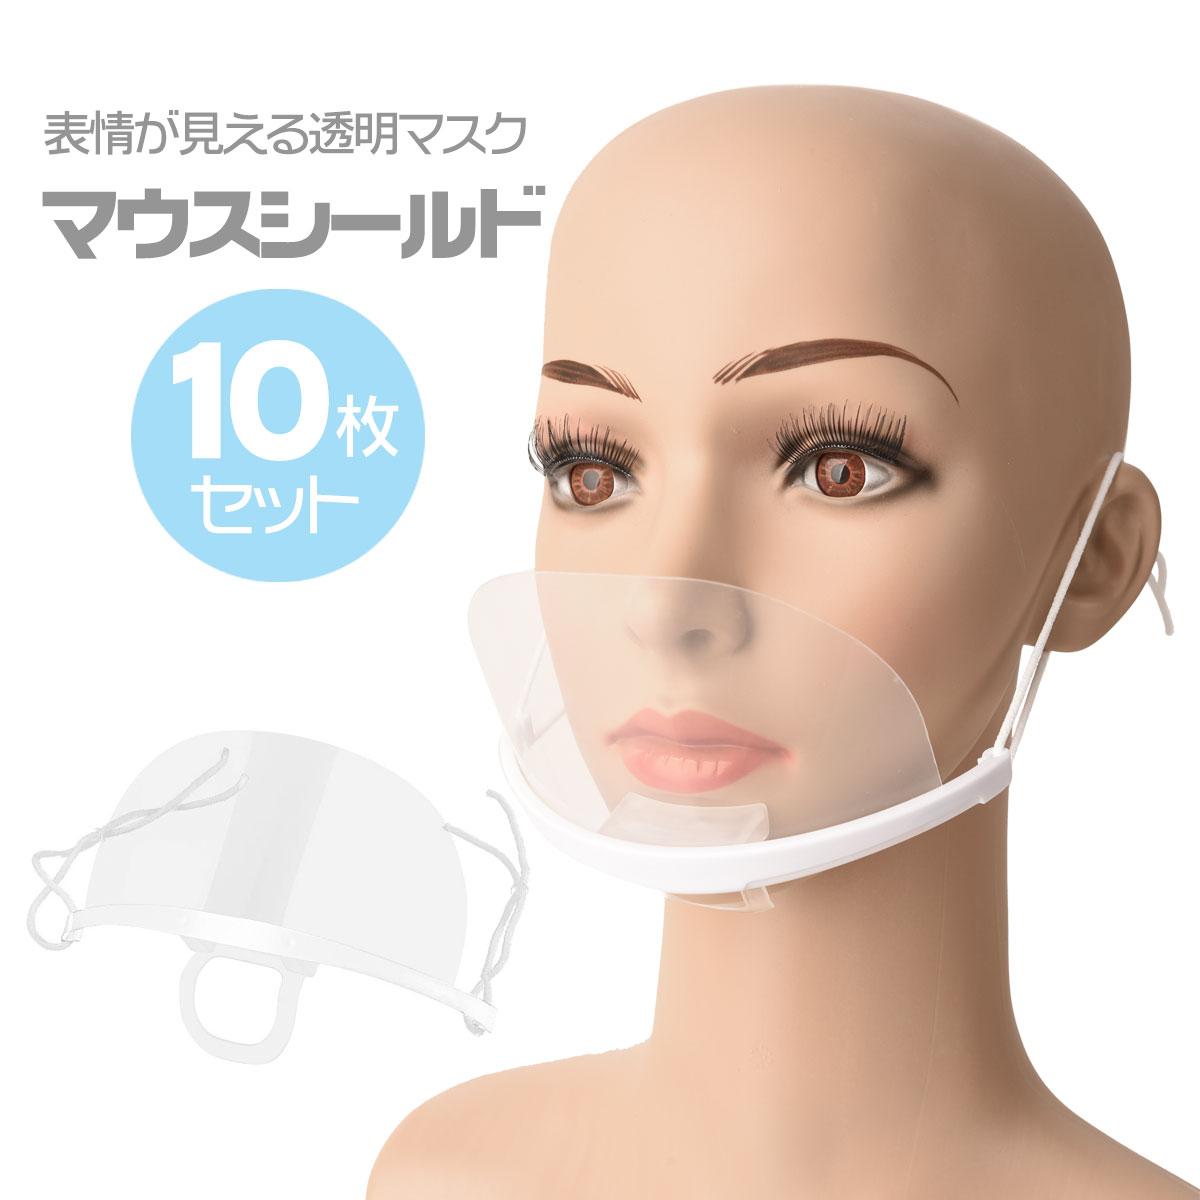 表情が見える透明マスク マウスシールド 10枚セット 買い取り 透明 クリスター マスク ガード カバー シールド 毎日がバーゲンセール 飛沫防止 曇り止め加工 感染予防 esuon 送料無料 保護 マウス